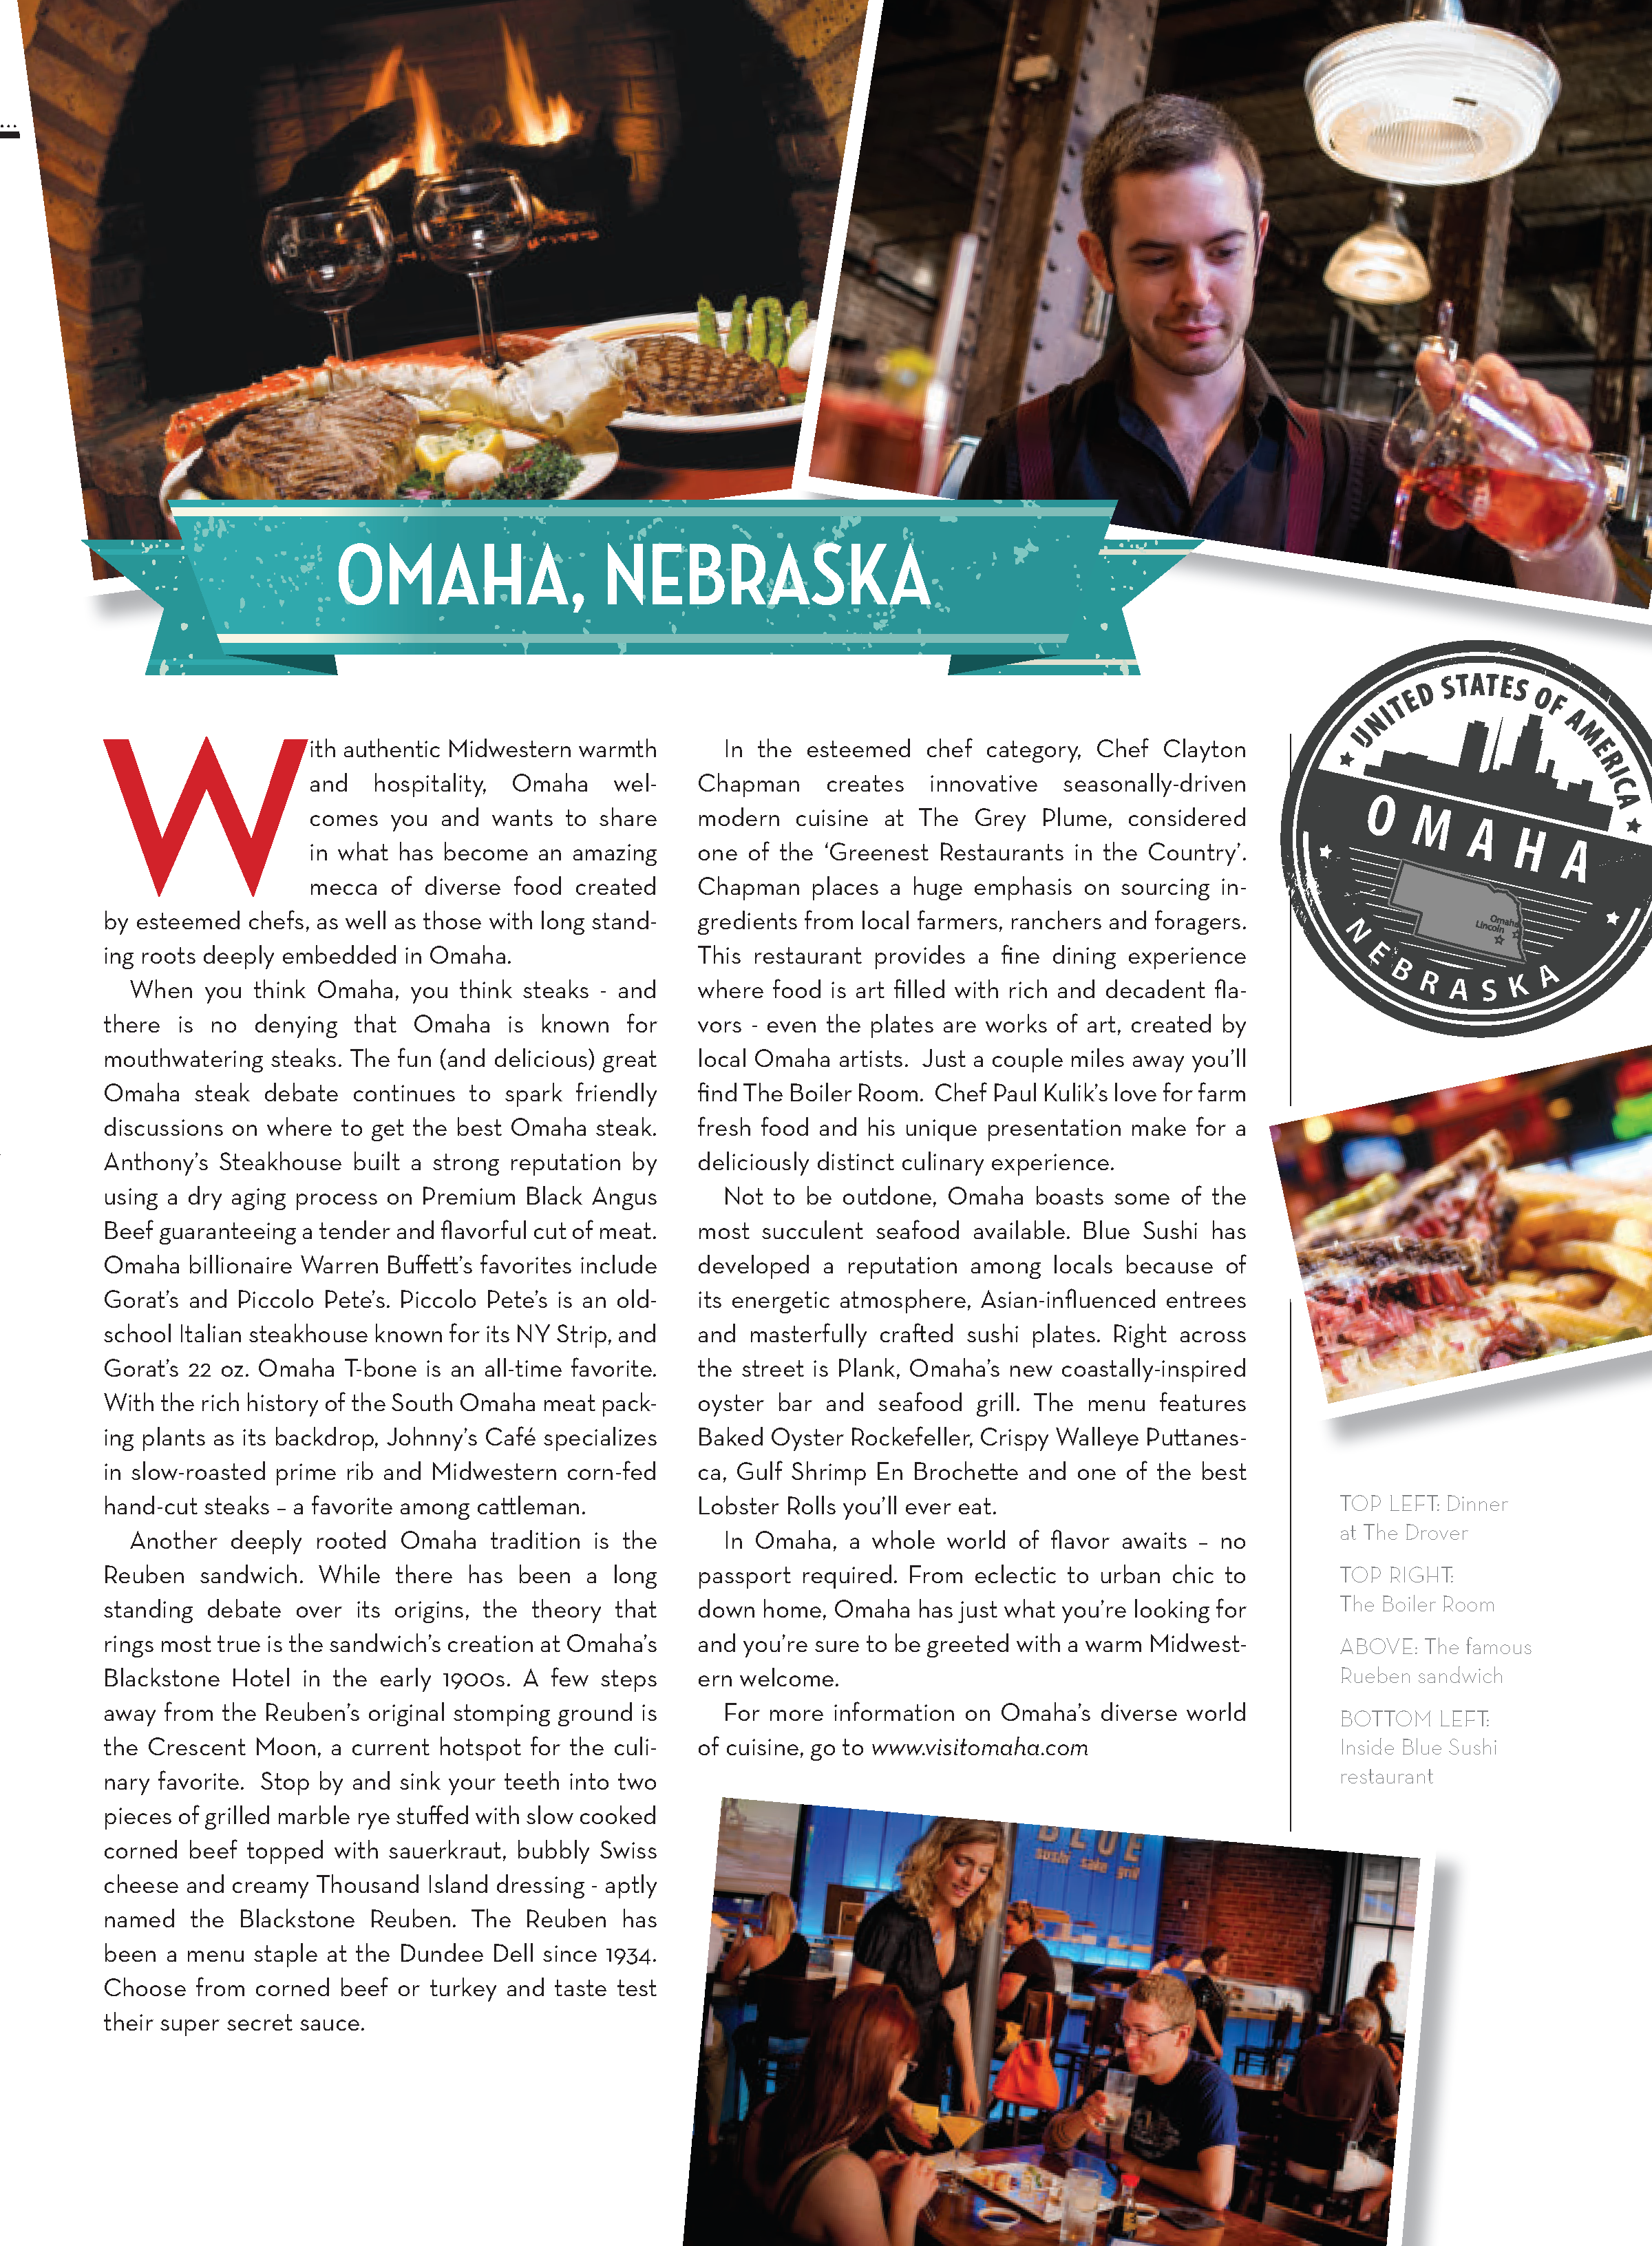 Food_and_Travel_Magazine_July_2014_fcfe4e4c-ef57-8c24-7b063f2588f5d689